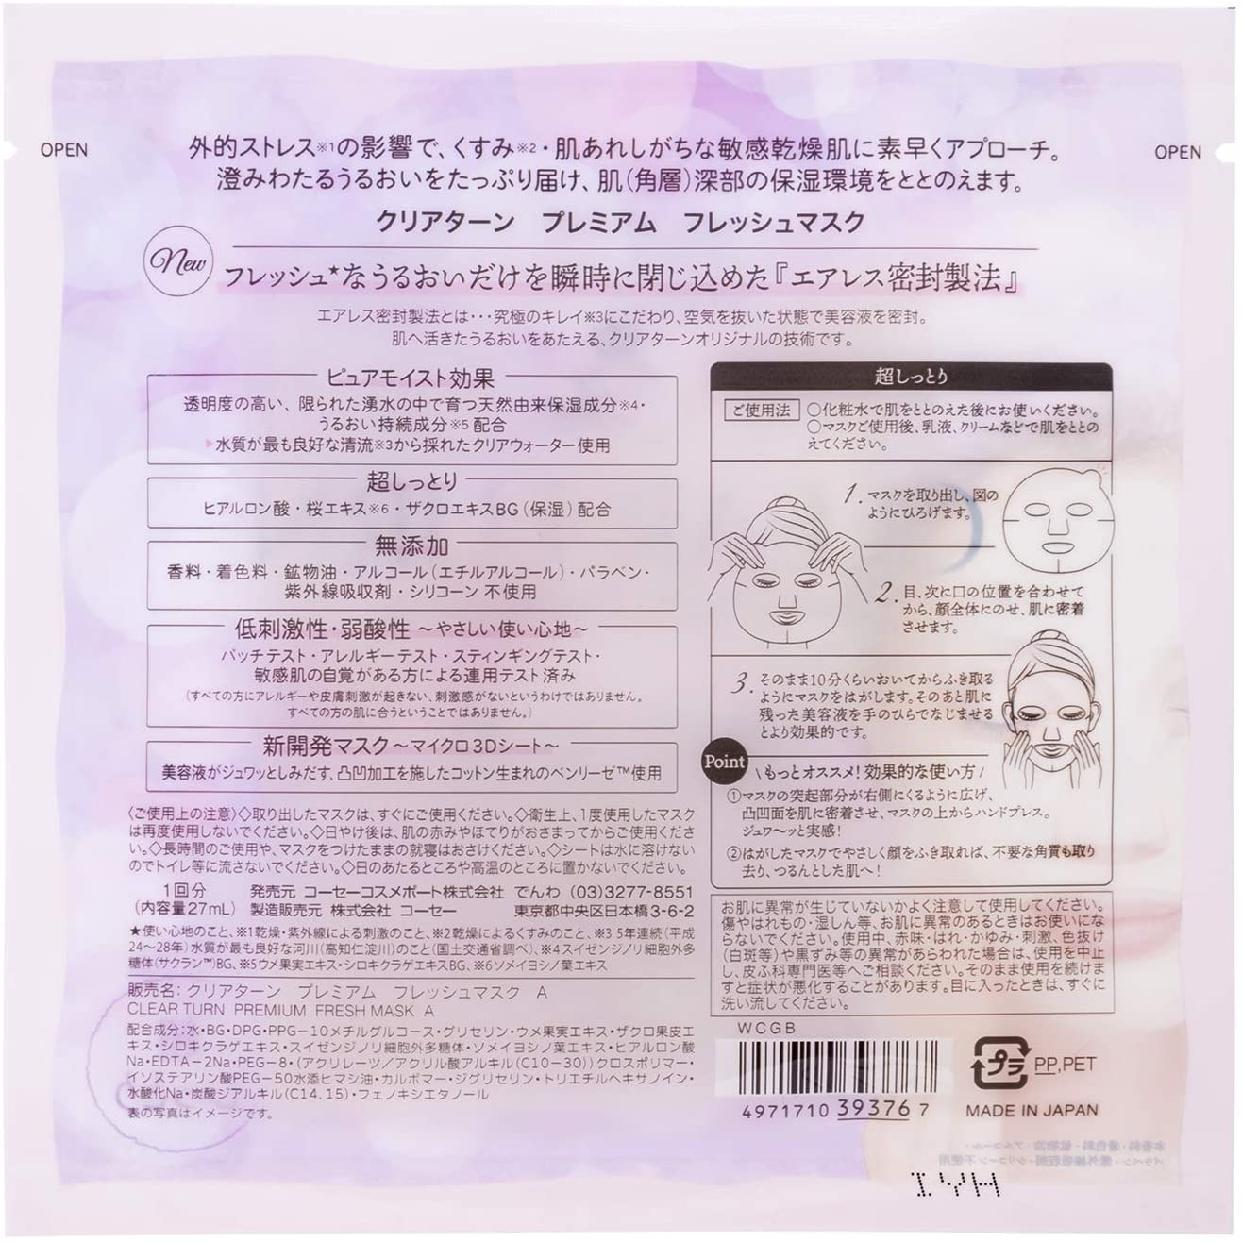 CLEAR TURN(クリアターン) プレミアム フレッシュマスク (超しっとり)の商品画像10